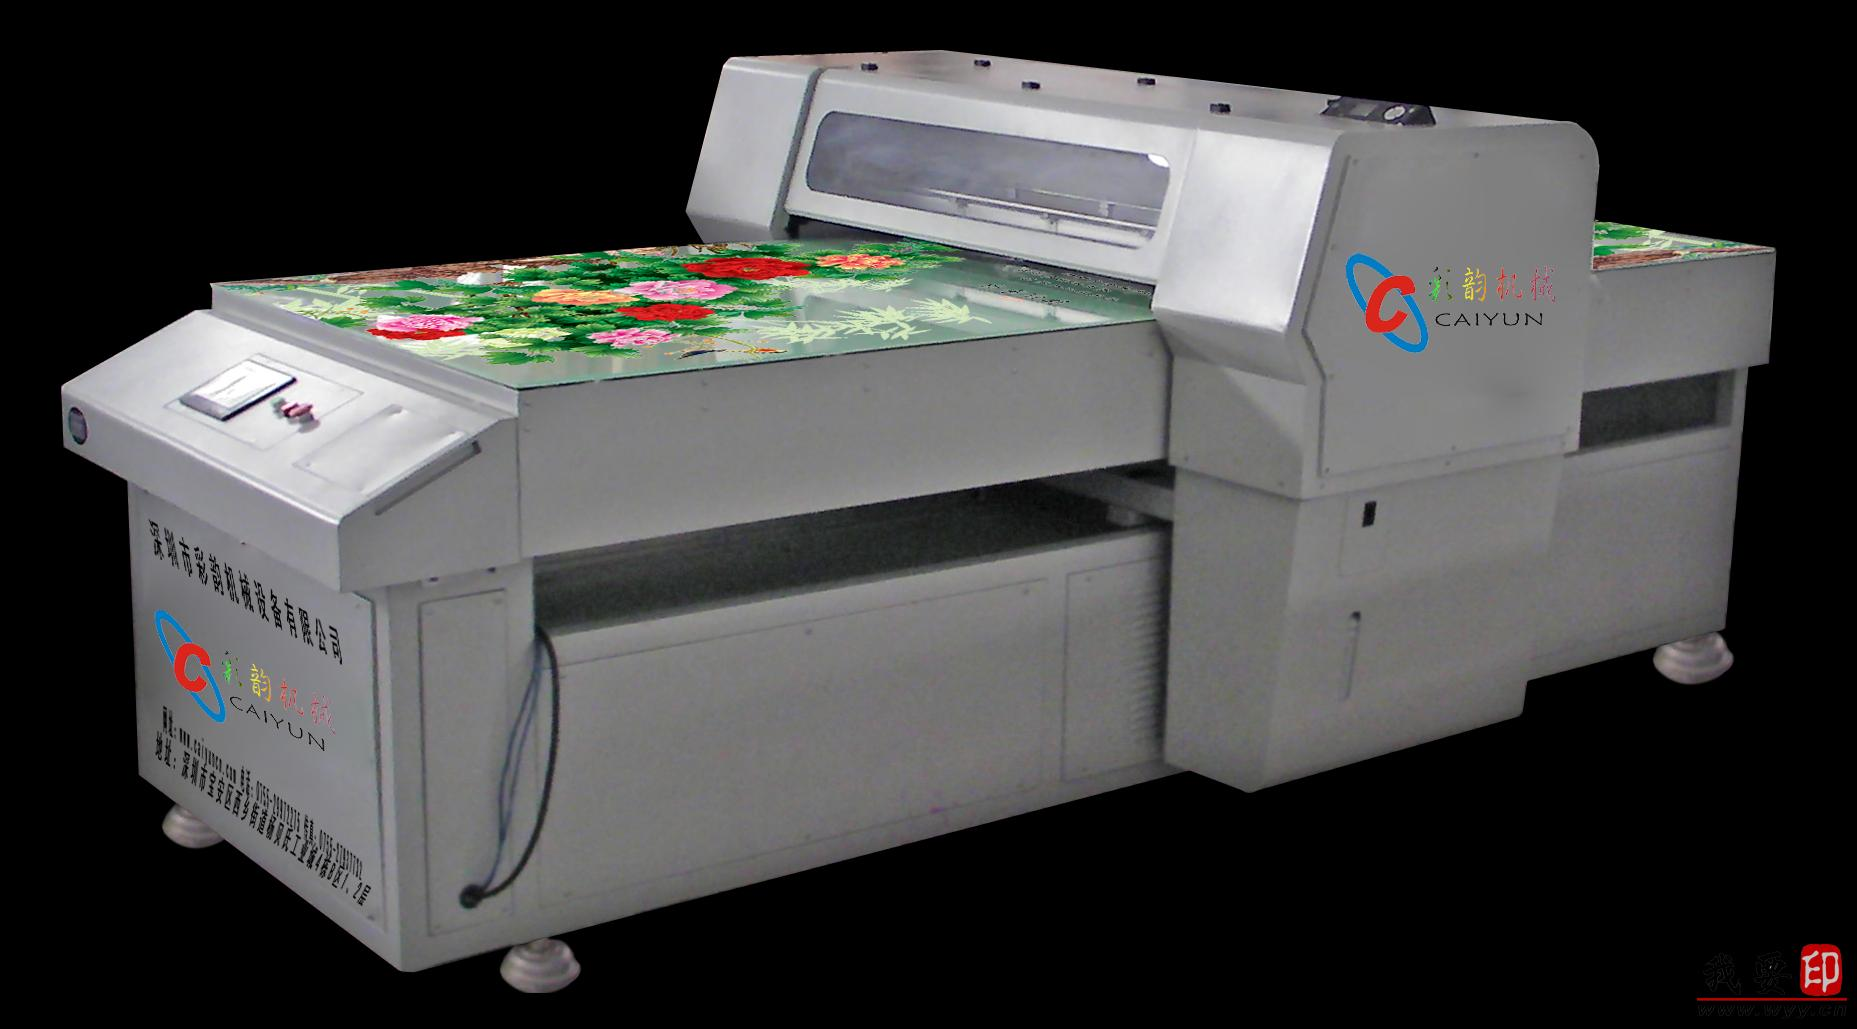 【招商】 万能平板打印机 印刷机 喷绘机 数码印刷打印机